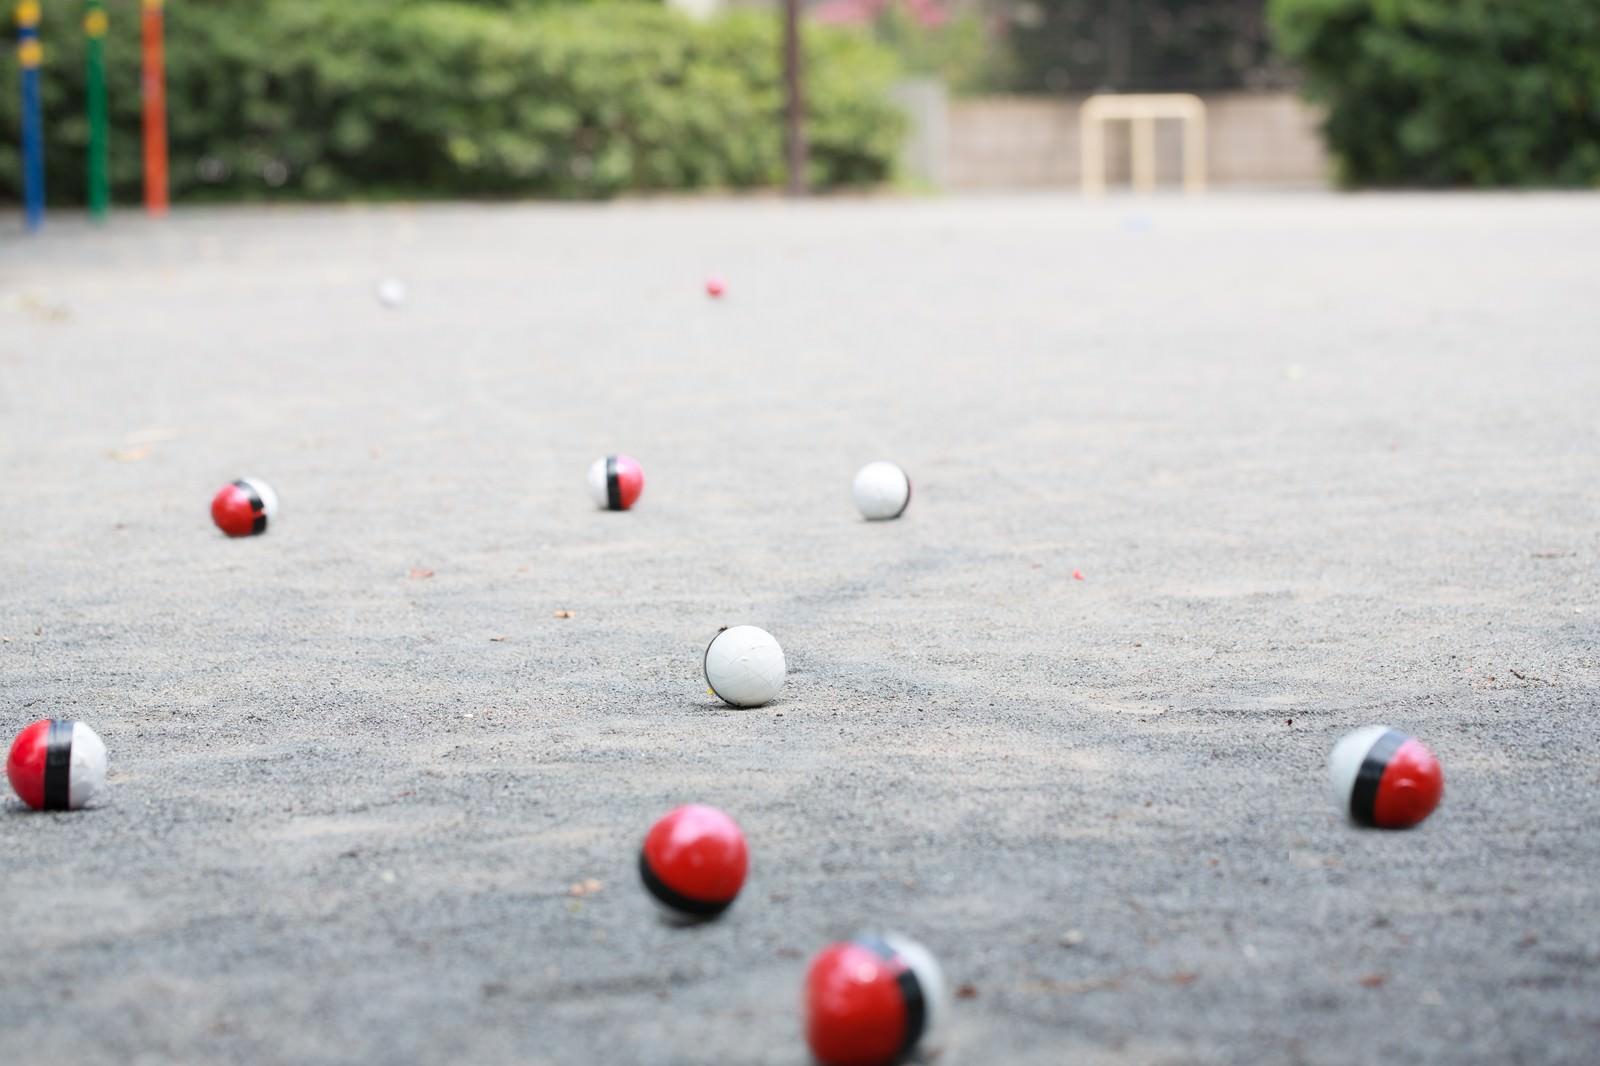 「また公園に紅白ボールが群がってきた」の写真